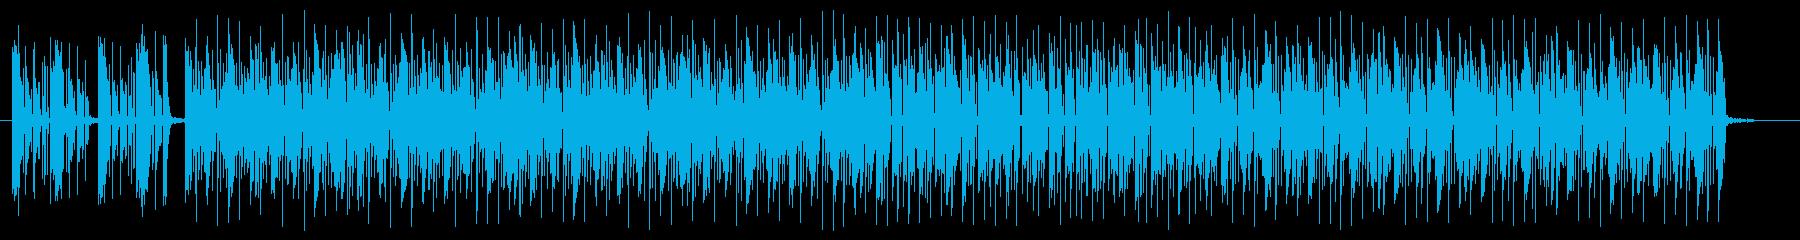 キャッチ―でリズミカルなシンセサウンドの再生済みの波形